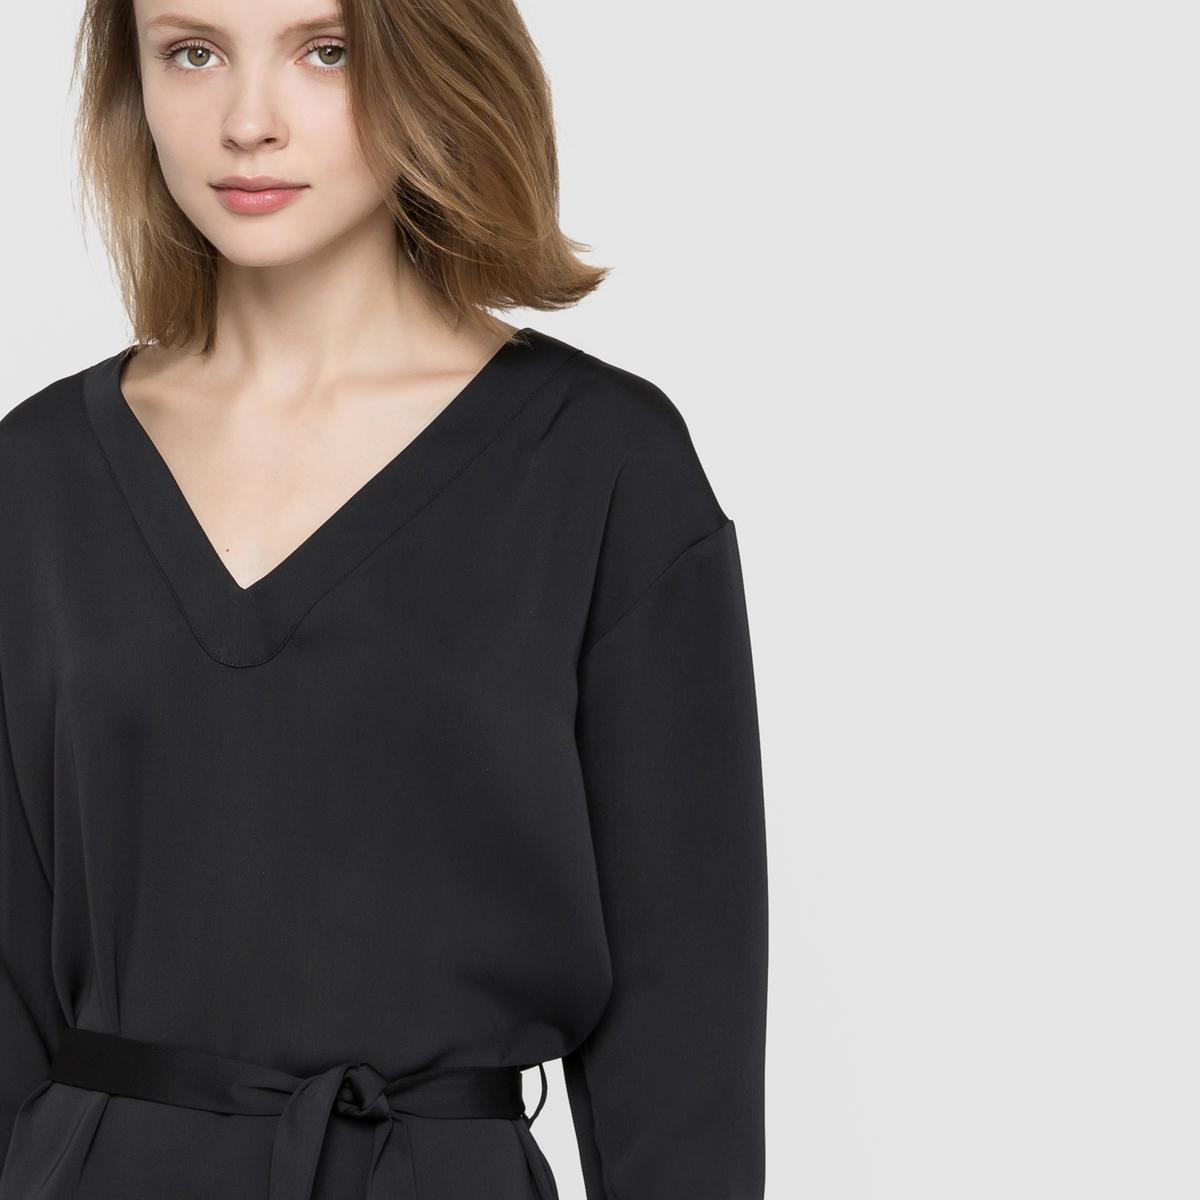 Платье с длинными рукавами и V-образным вырезомПлатье с длинными рукавами LES PTITES BOMBES. V-образный вырез спереди, пояс с завязками.Состав и описаниеМарка : LES PTITES BOMBESМатериал : 100% полиэстера<br><br>Цвет: черный<br>Размер: M